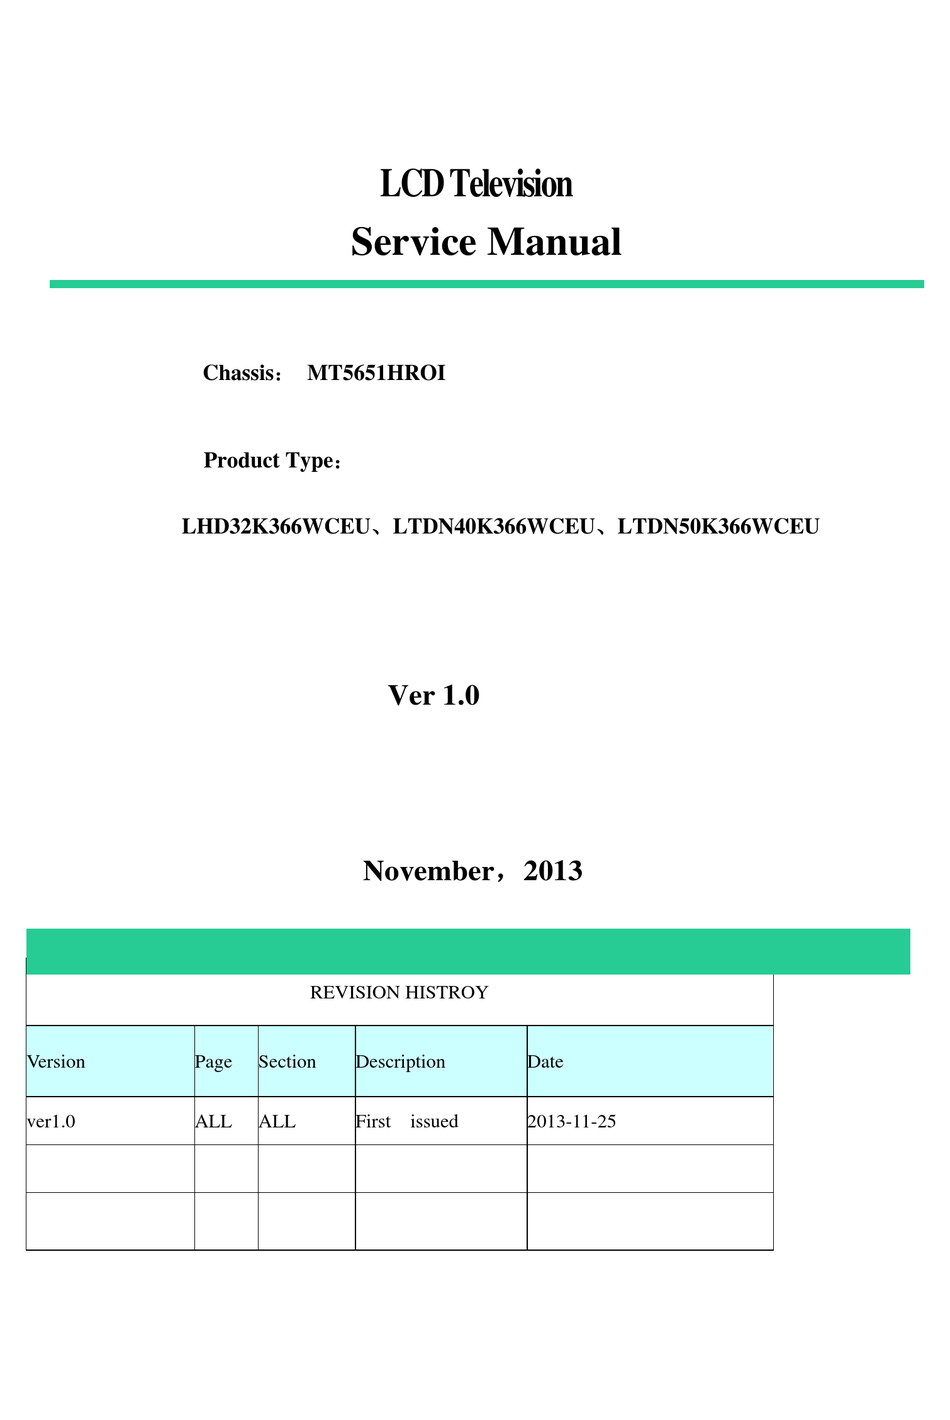 Hisense Lhd32k366wceu Service Manual Pdf Download Manualslib